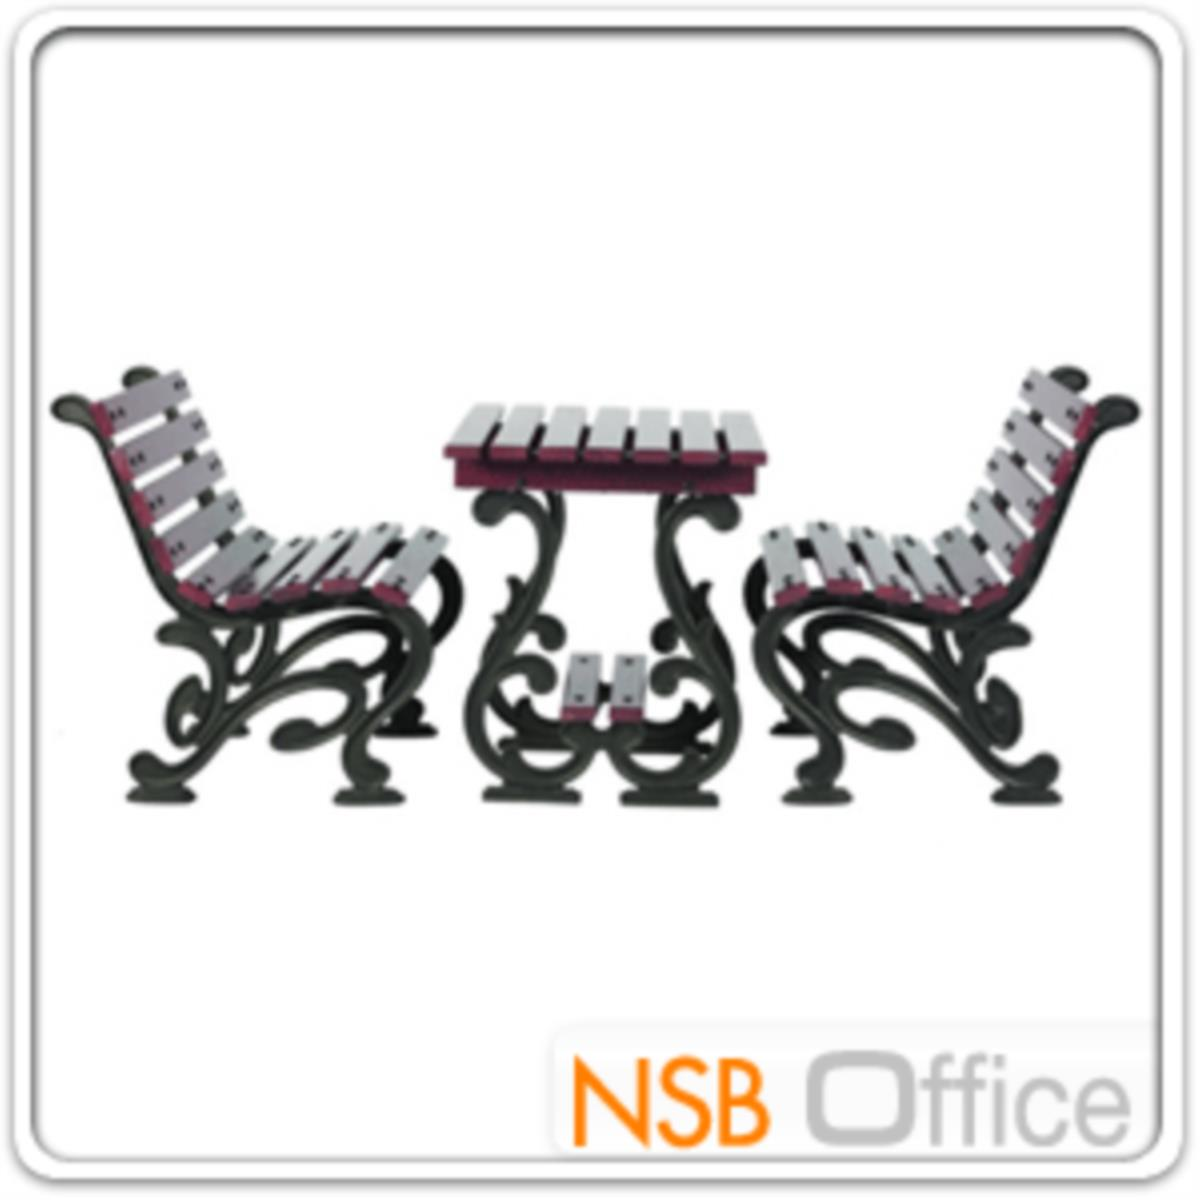 ชุดโต๊ะสนาม พร้อมเก้าอี้ กทม. BKK-COT412 (โต๊ะ 1 + เก้าอี้ 2)